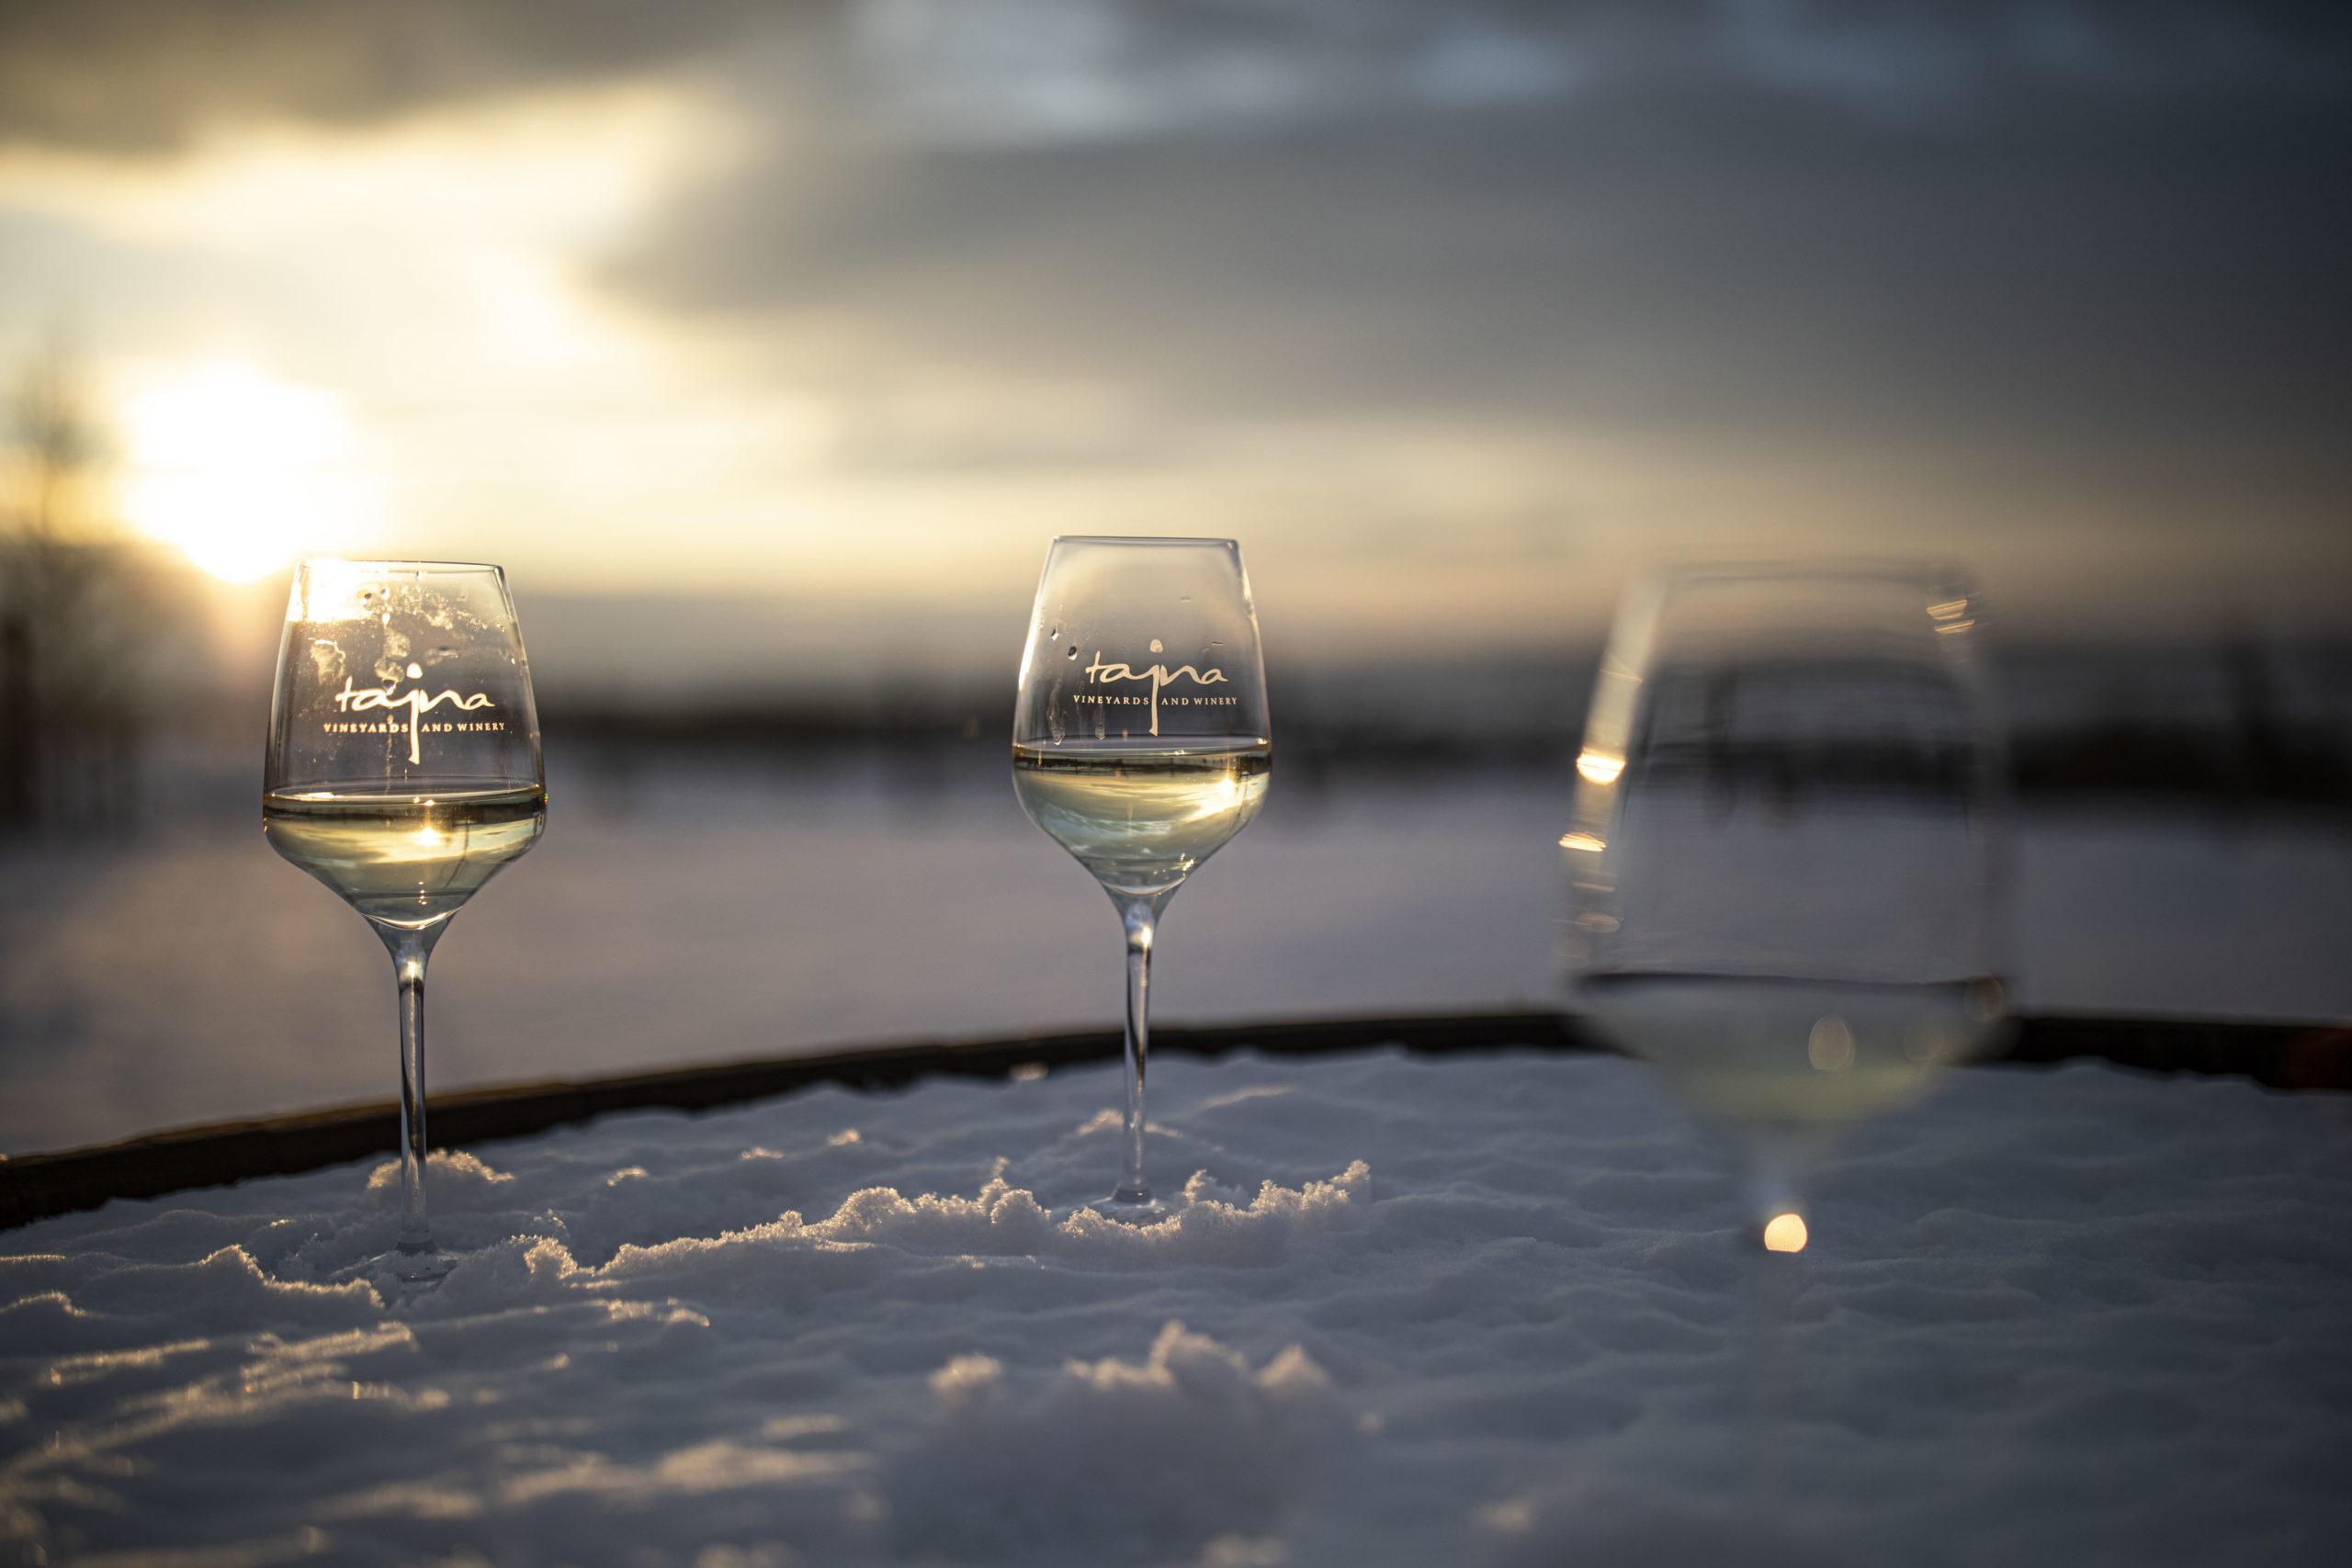 Víno a kalórie – ako si správne vybrať